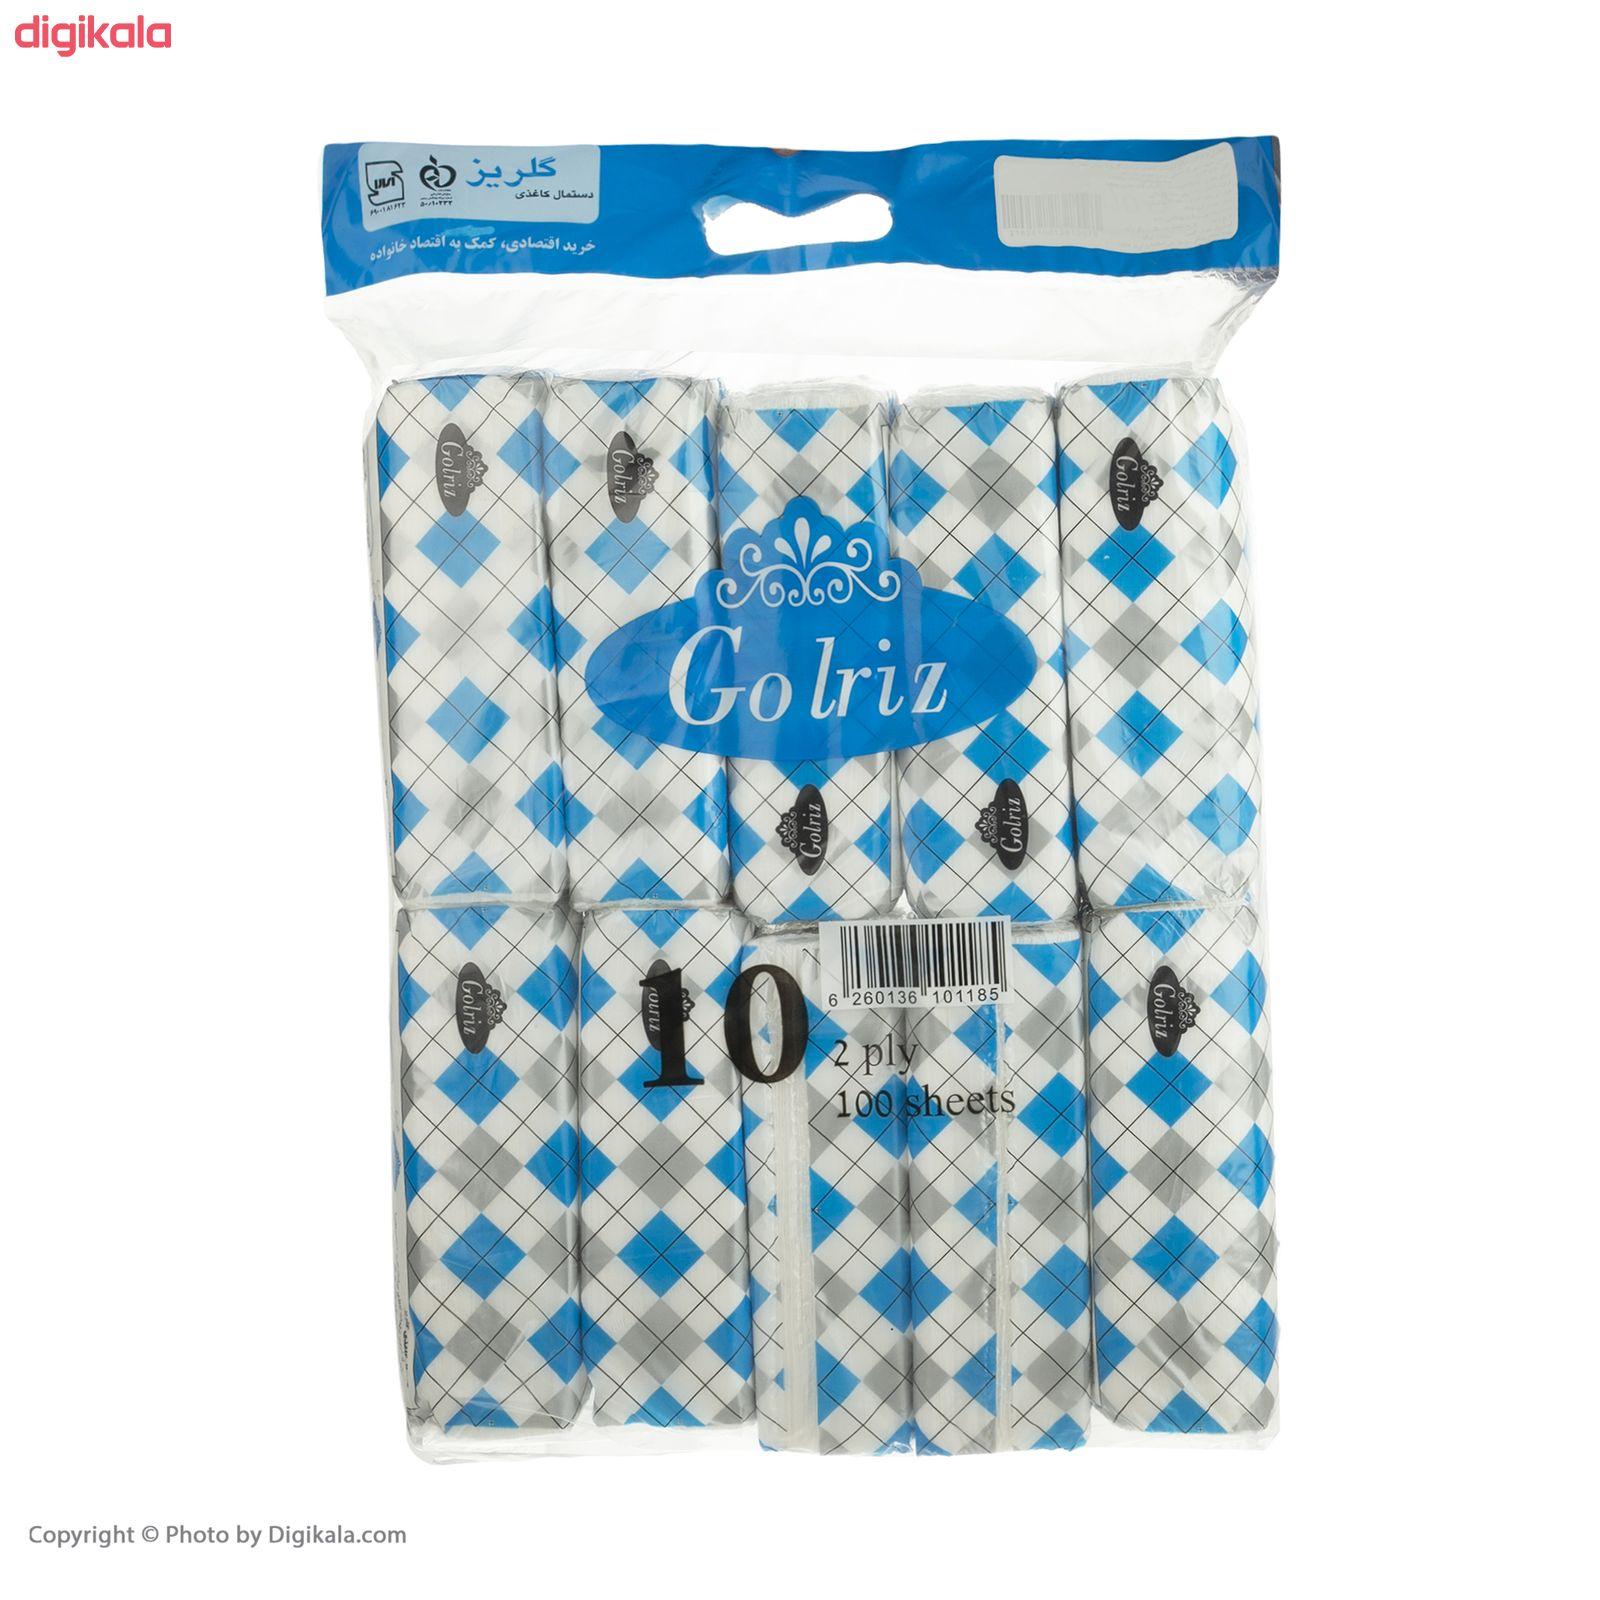 دستمال کاغذی 100 برگ گلریز مدل دياموند بسته 10 عددي  main 1 7